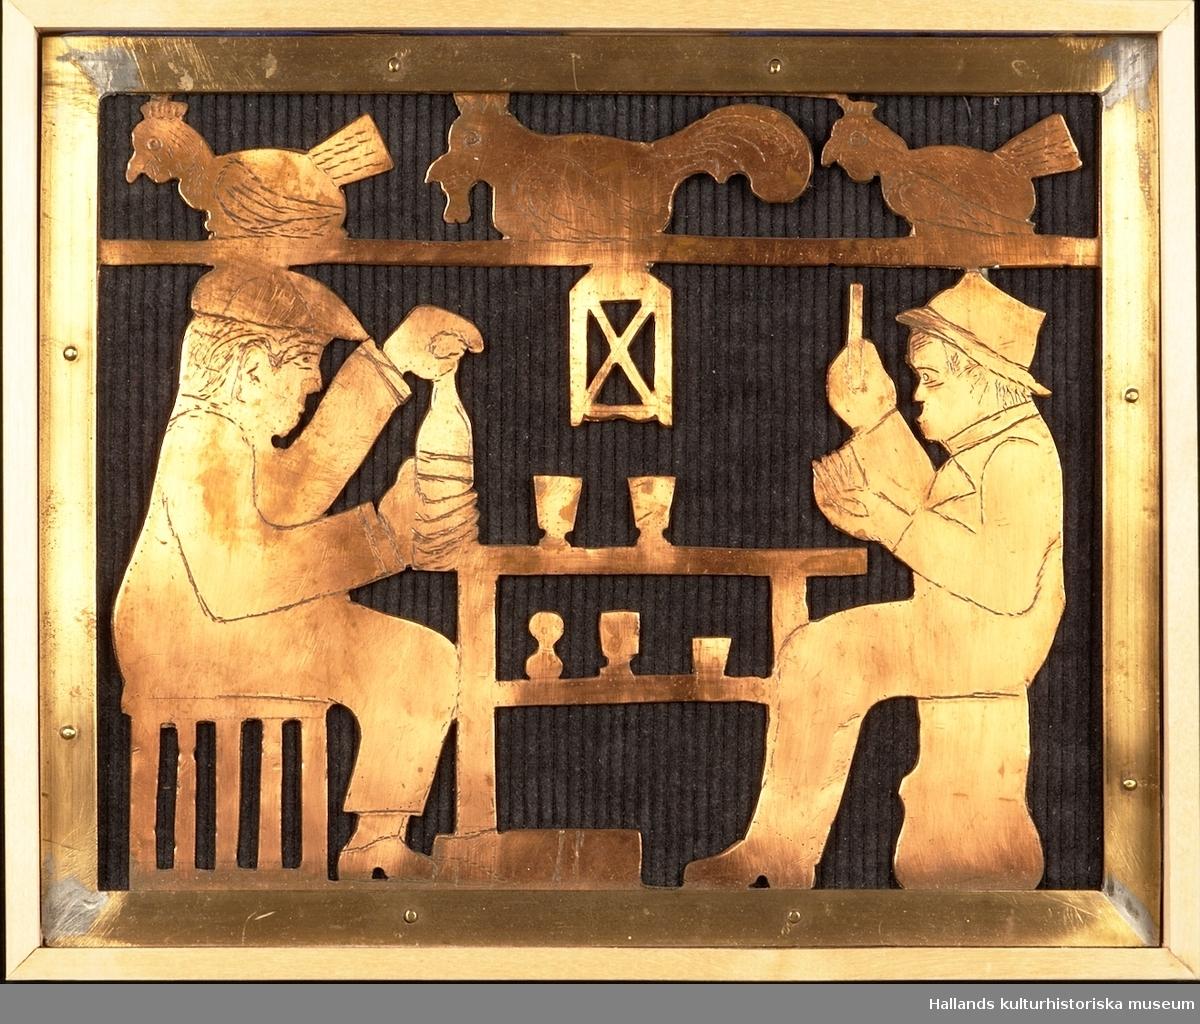 Relief föreställande två män vid ett bord. Männen spelar kort och dricker sprithaltiga drycker. Ovanför männen sitter tre hönor och värper på en hylla. Scenen utspelar sig troligtvis i ett hönshus.  Relief av koppar över en väv av grovt svartfärgat tyg. Inramad i en träram av ädelträ.